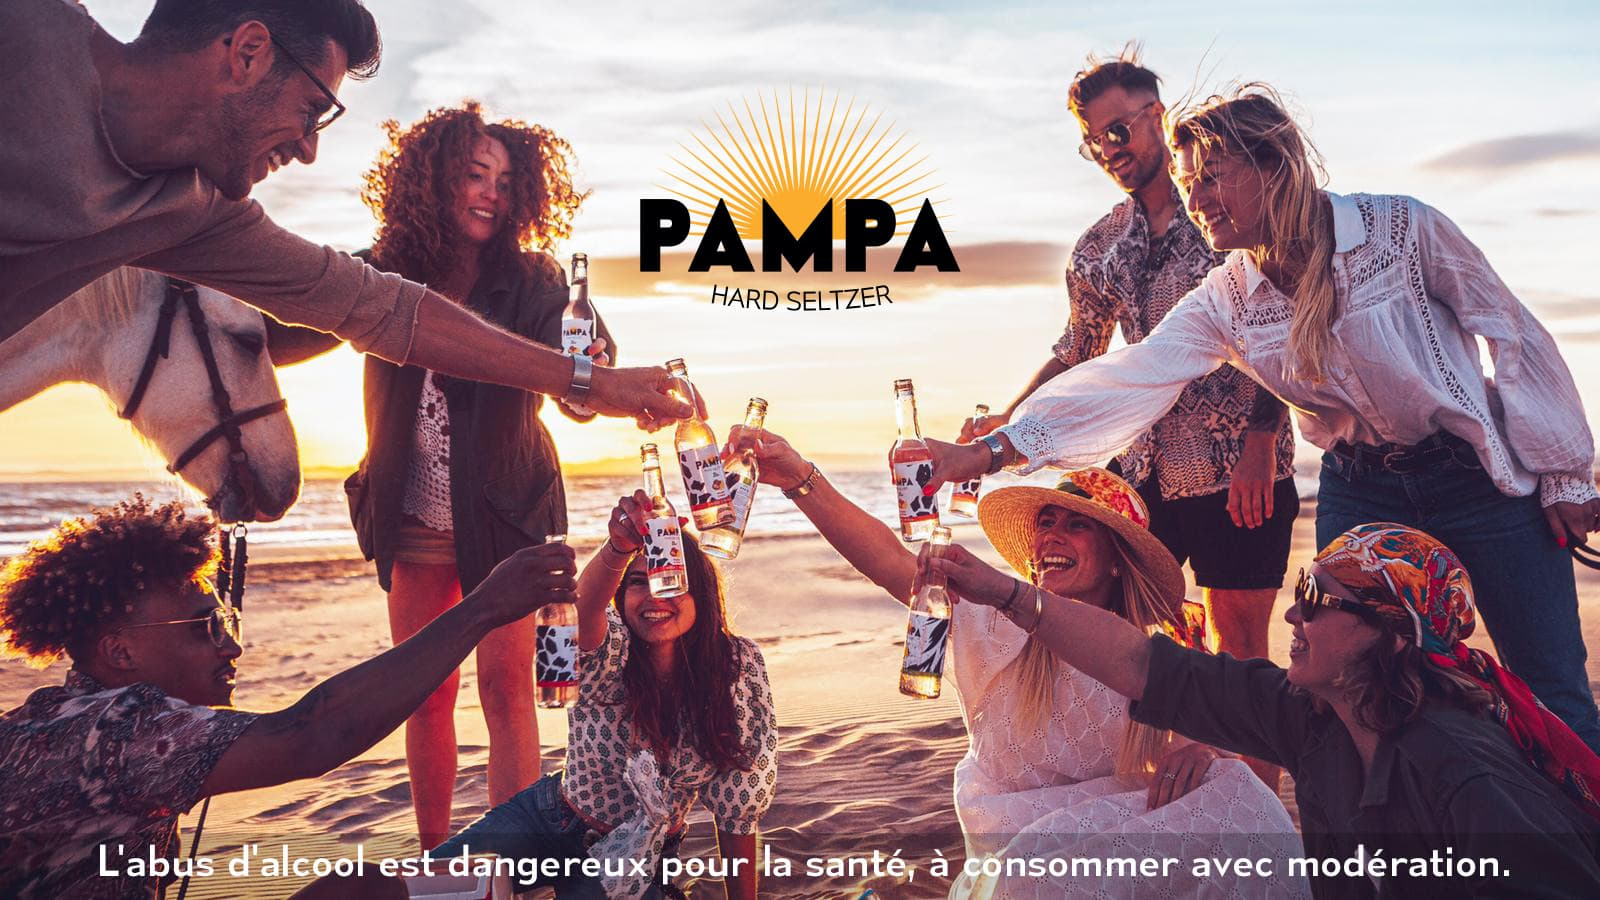 Pampa : Test et avis de ce nouveau hard seltzer